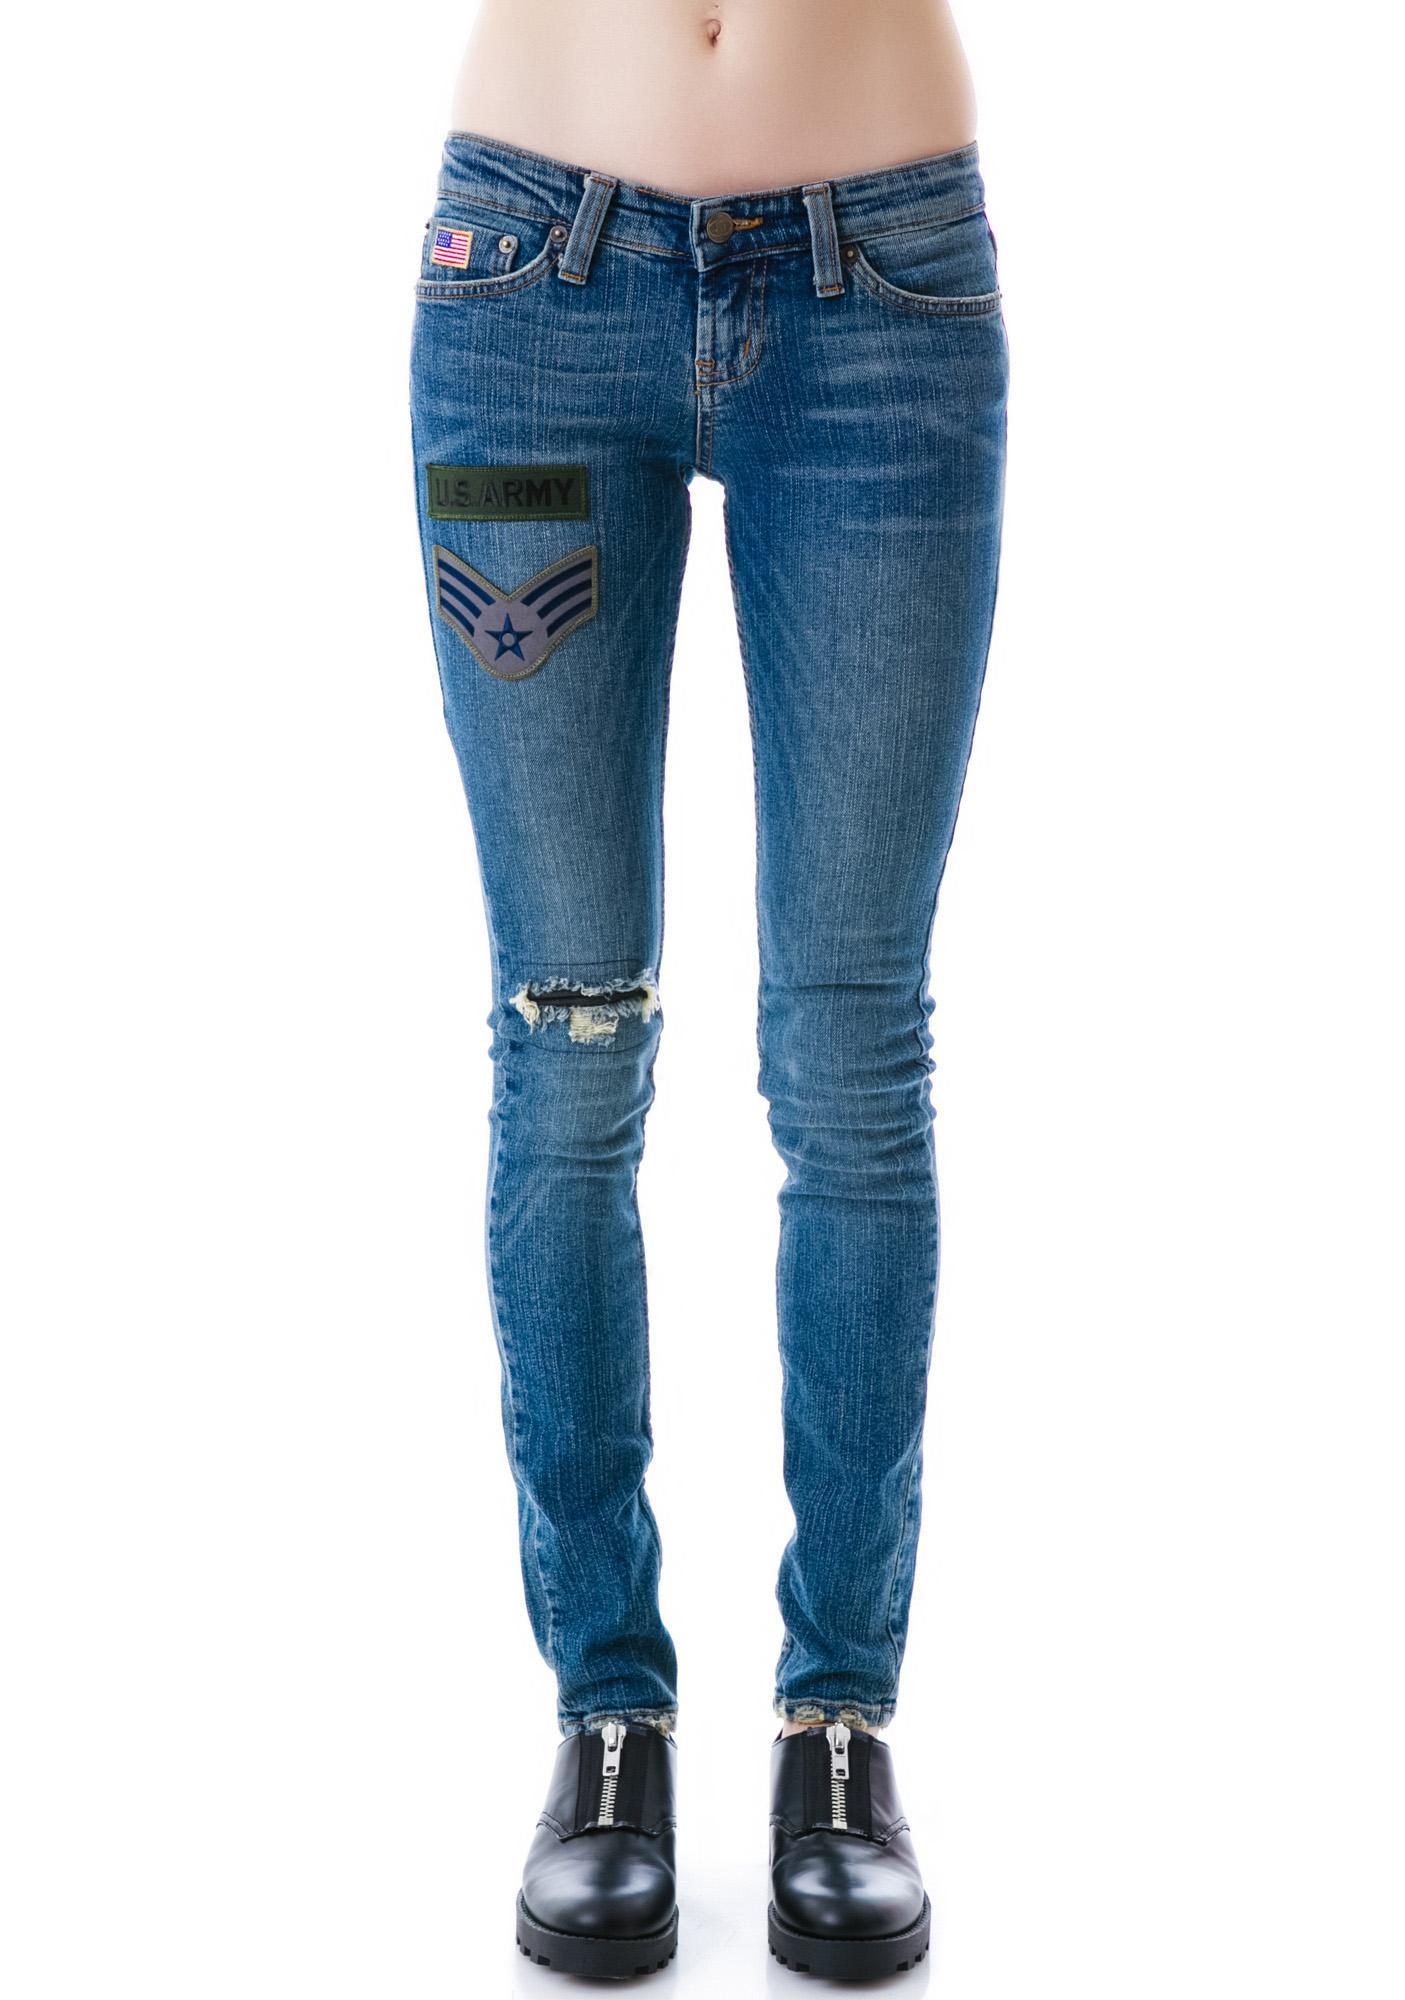 JET by John Eshaya Skinny Army Patch Jeans